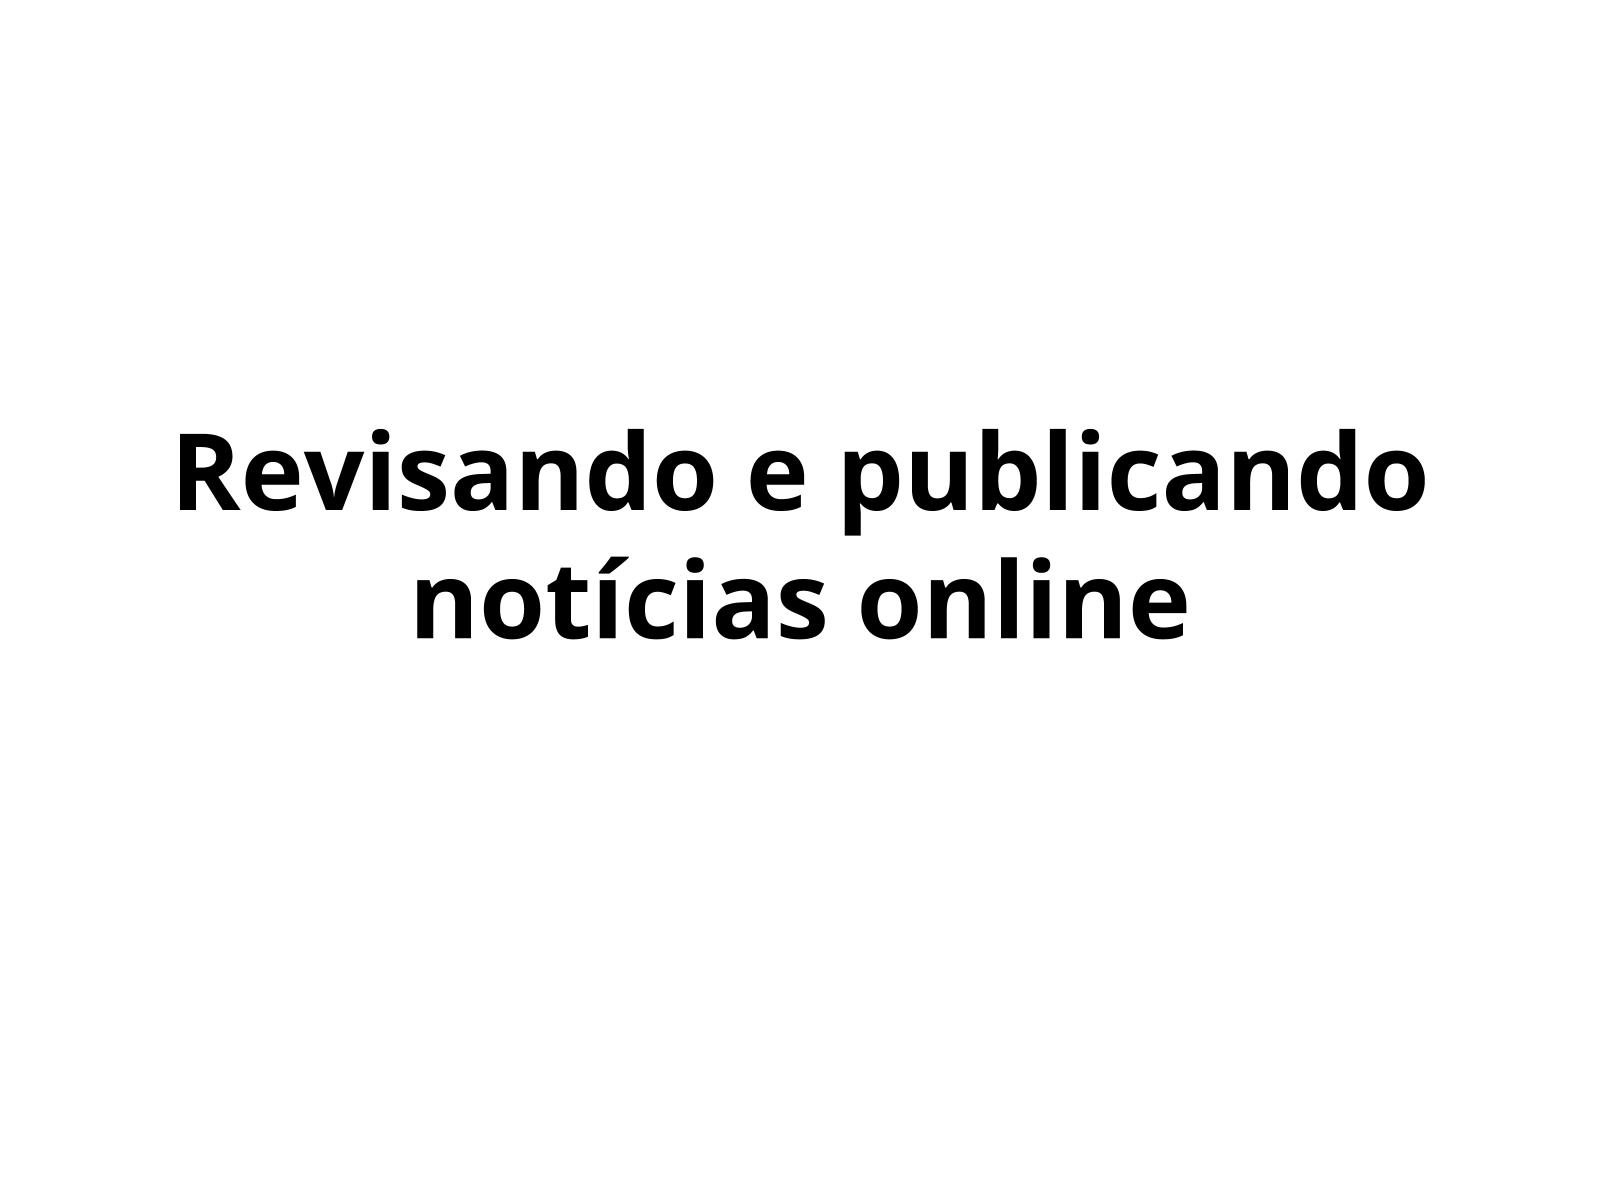 Revisando e publicando notícias online